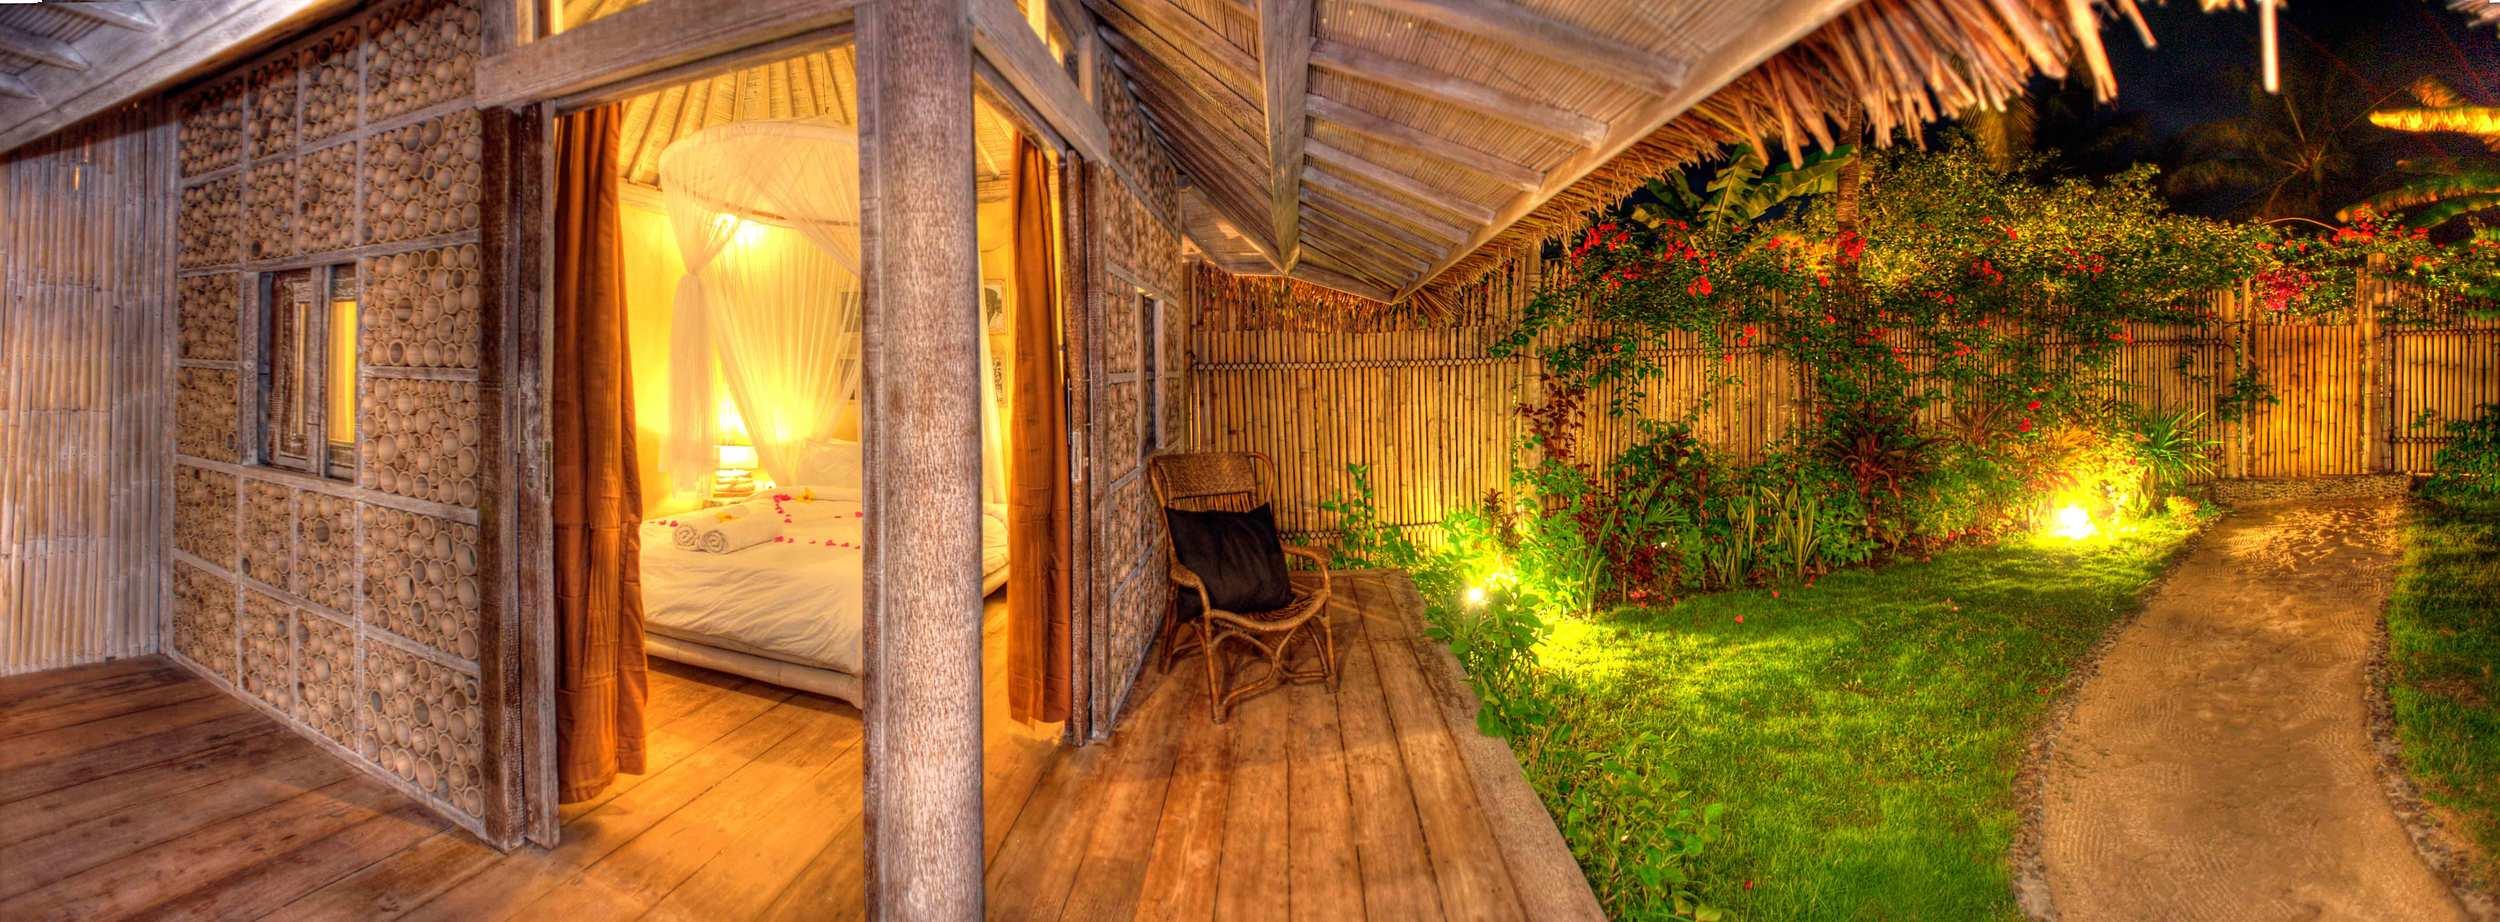 Garden by night Villa deluxe 2 bedrooms